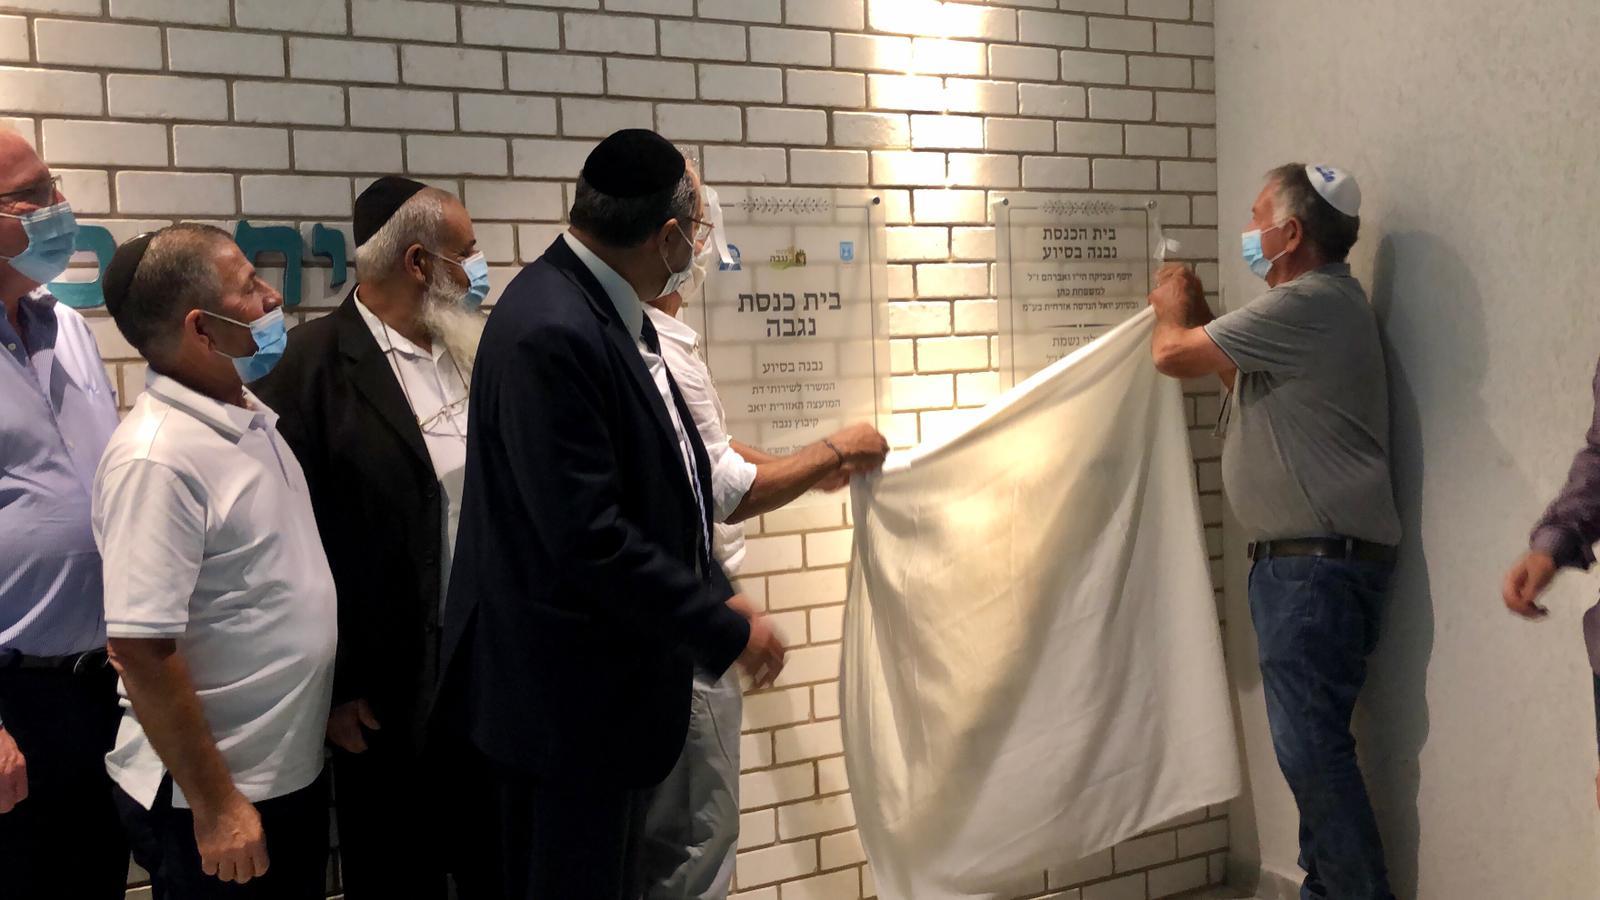 הרב יעקב אביטן חונך בית כנסת בקיבוץ נגבה